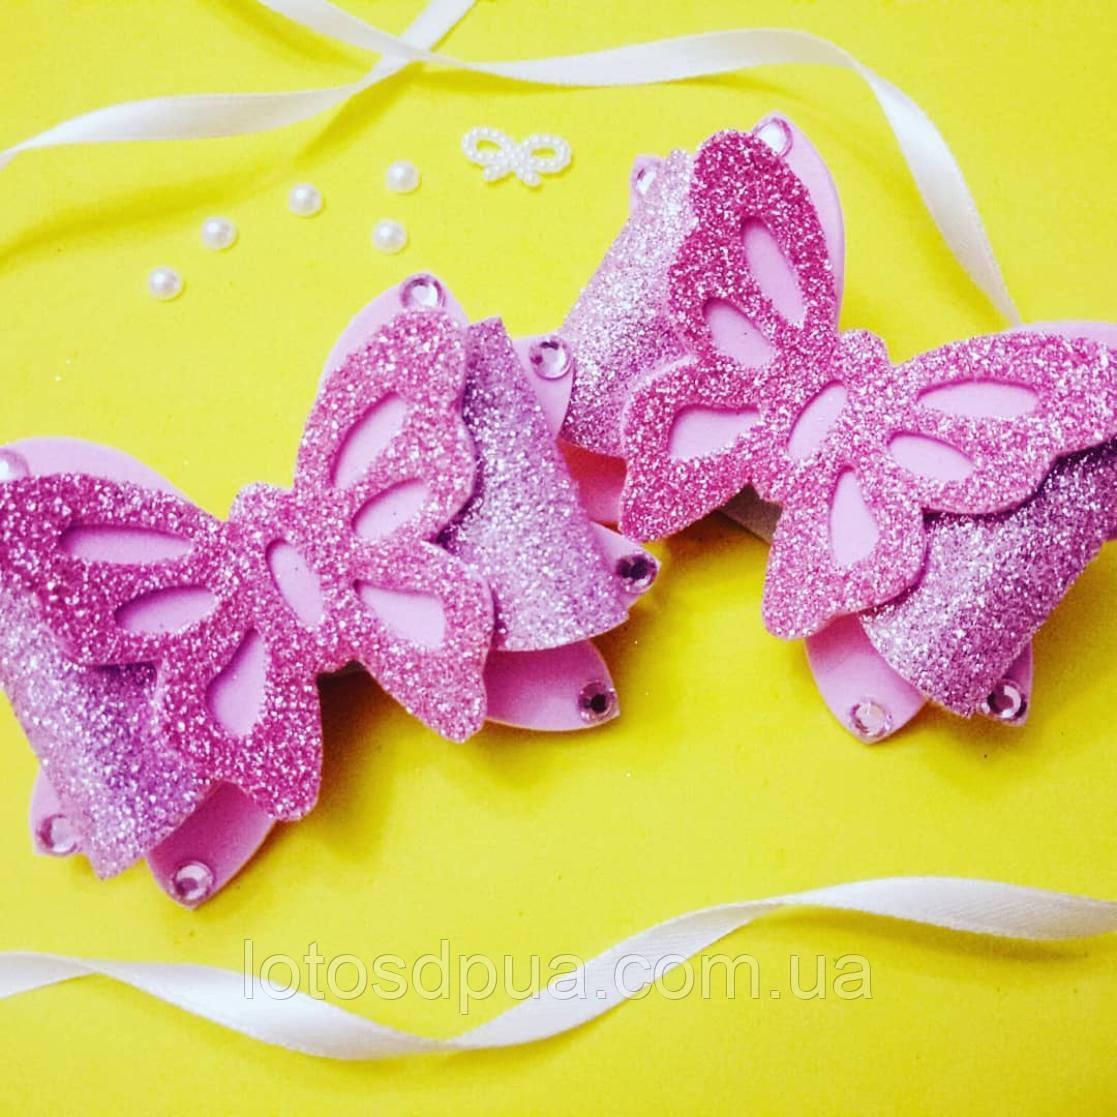 """Шпилька """"Метелик зі стразами"""", рожева"""